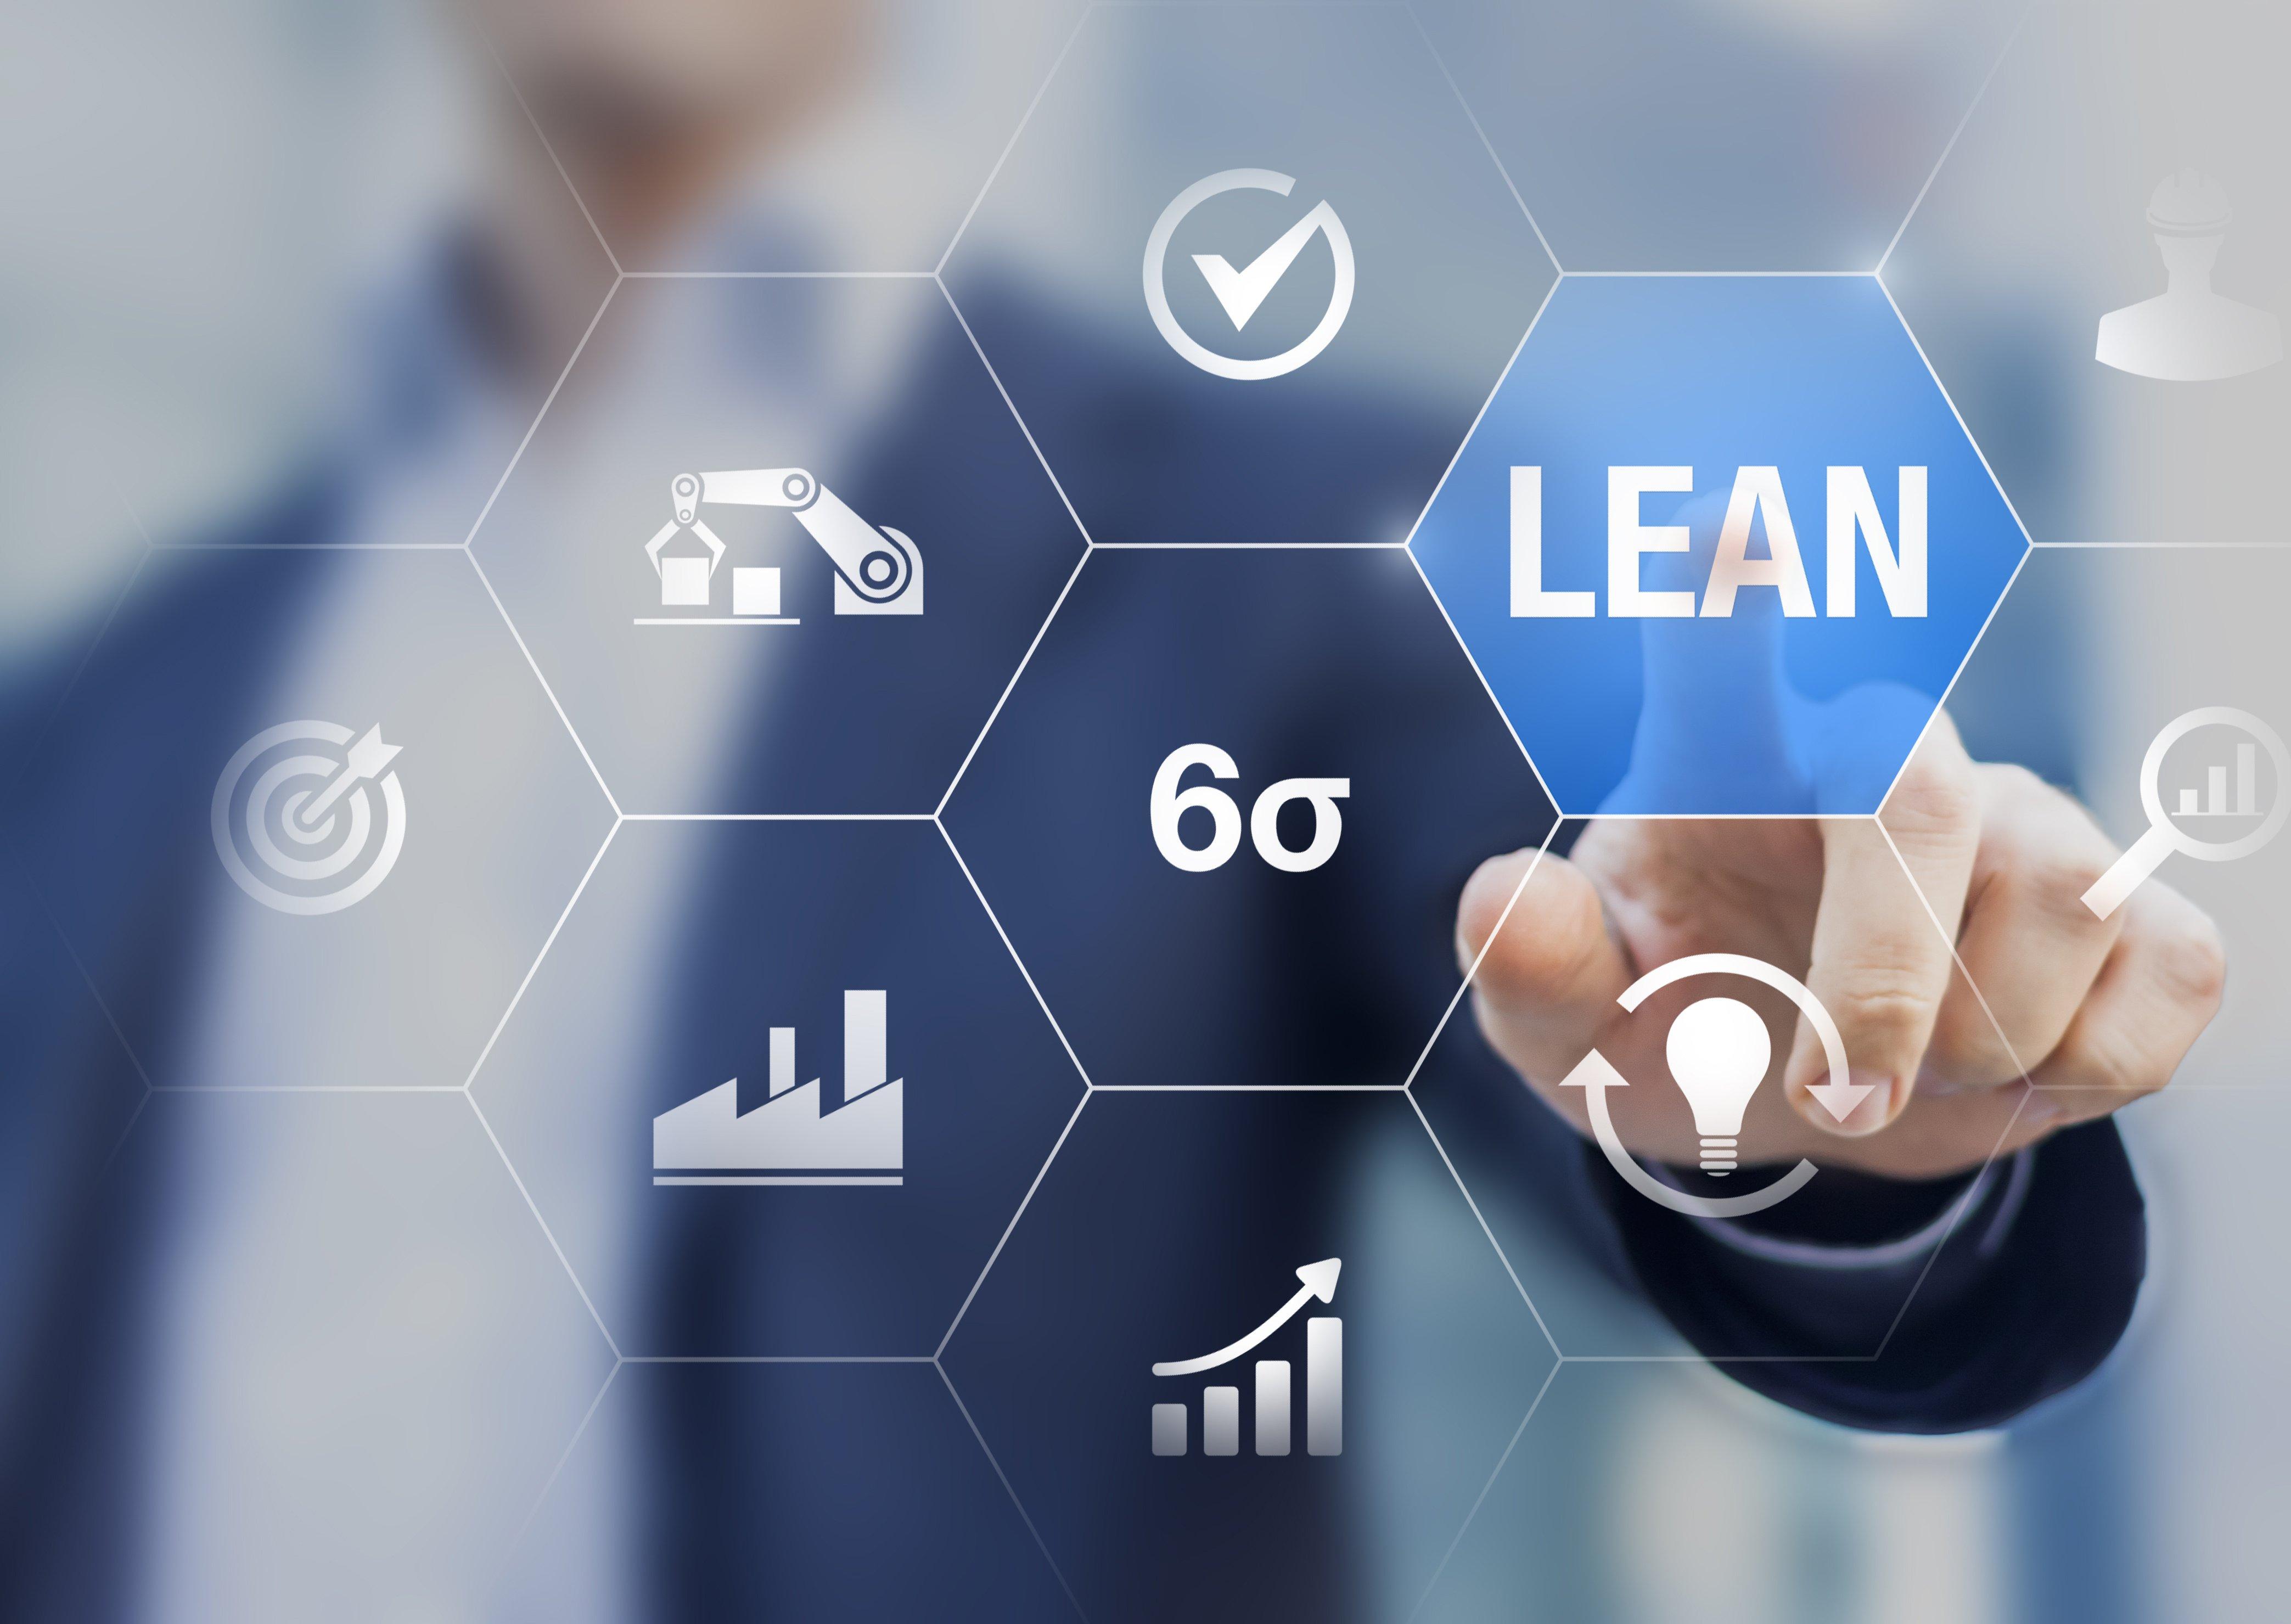 Lean Continuous Improvement Image